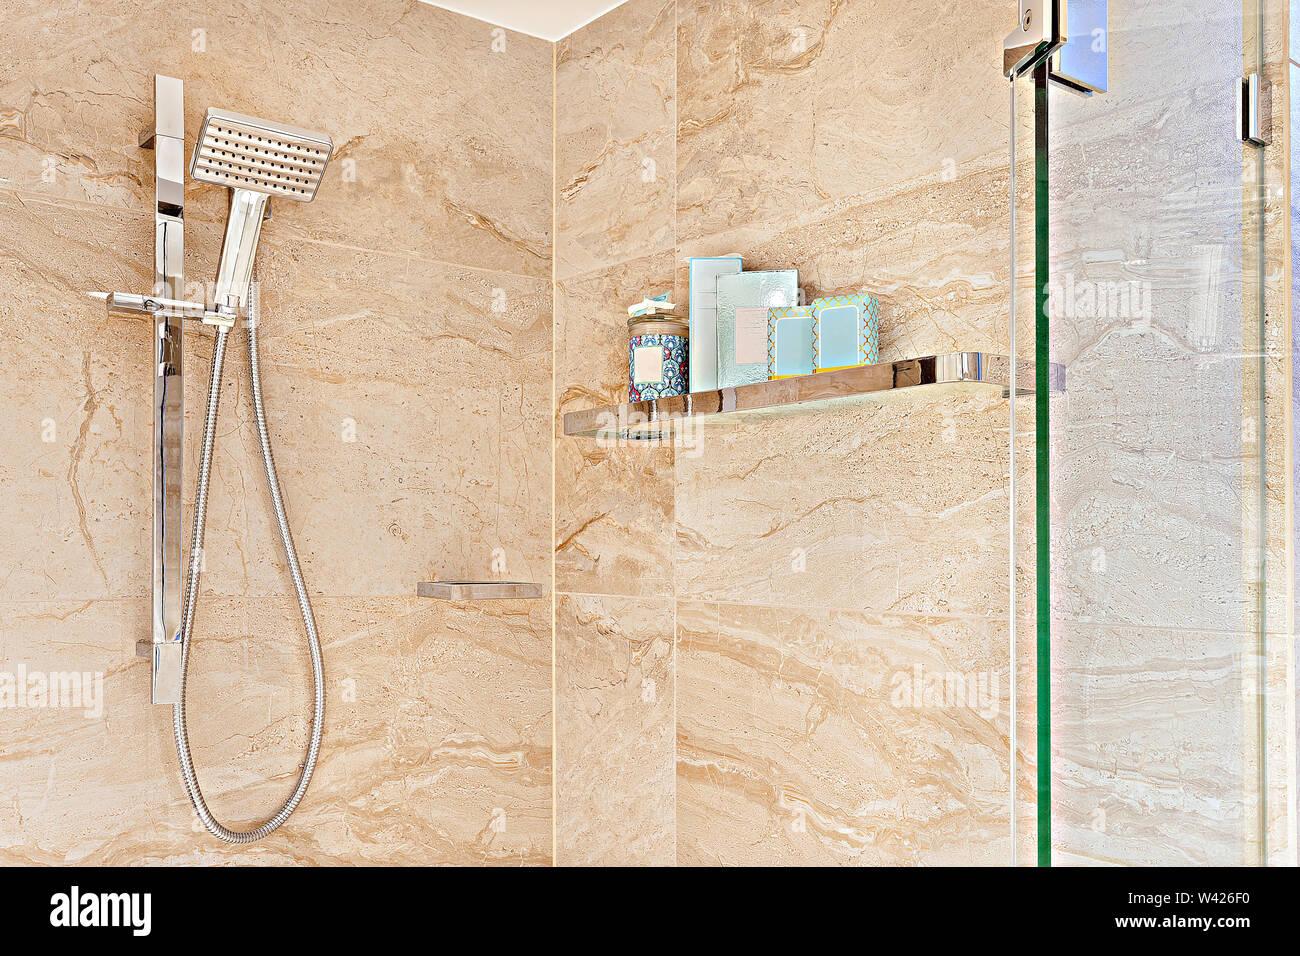 Un contemporaneo stile di doccia a mano con un montato a parete in vetro e ripiano in metallo Immagini Stock